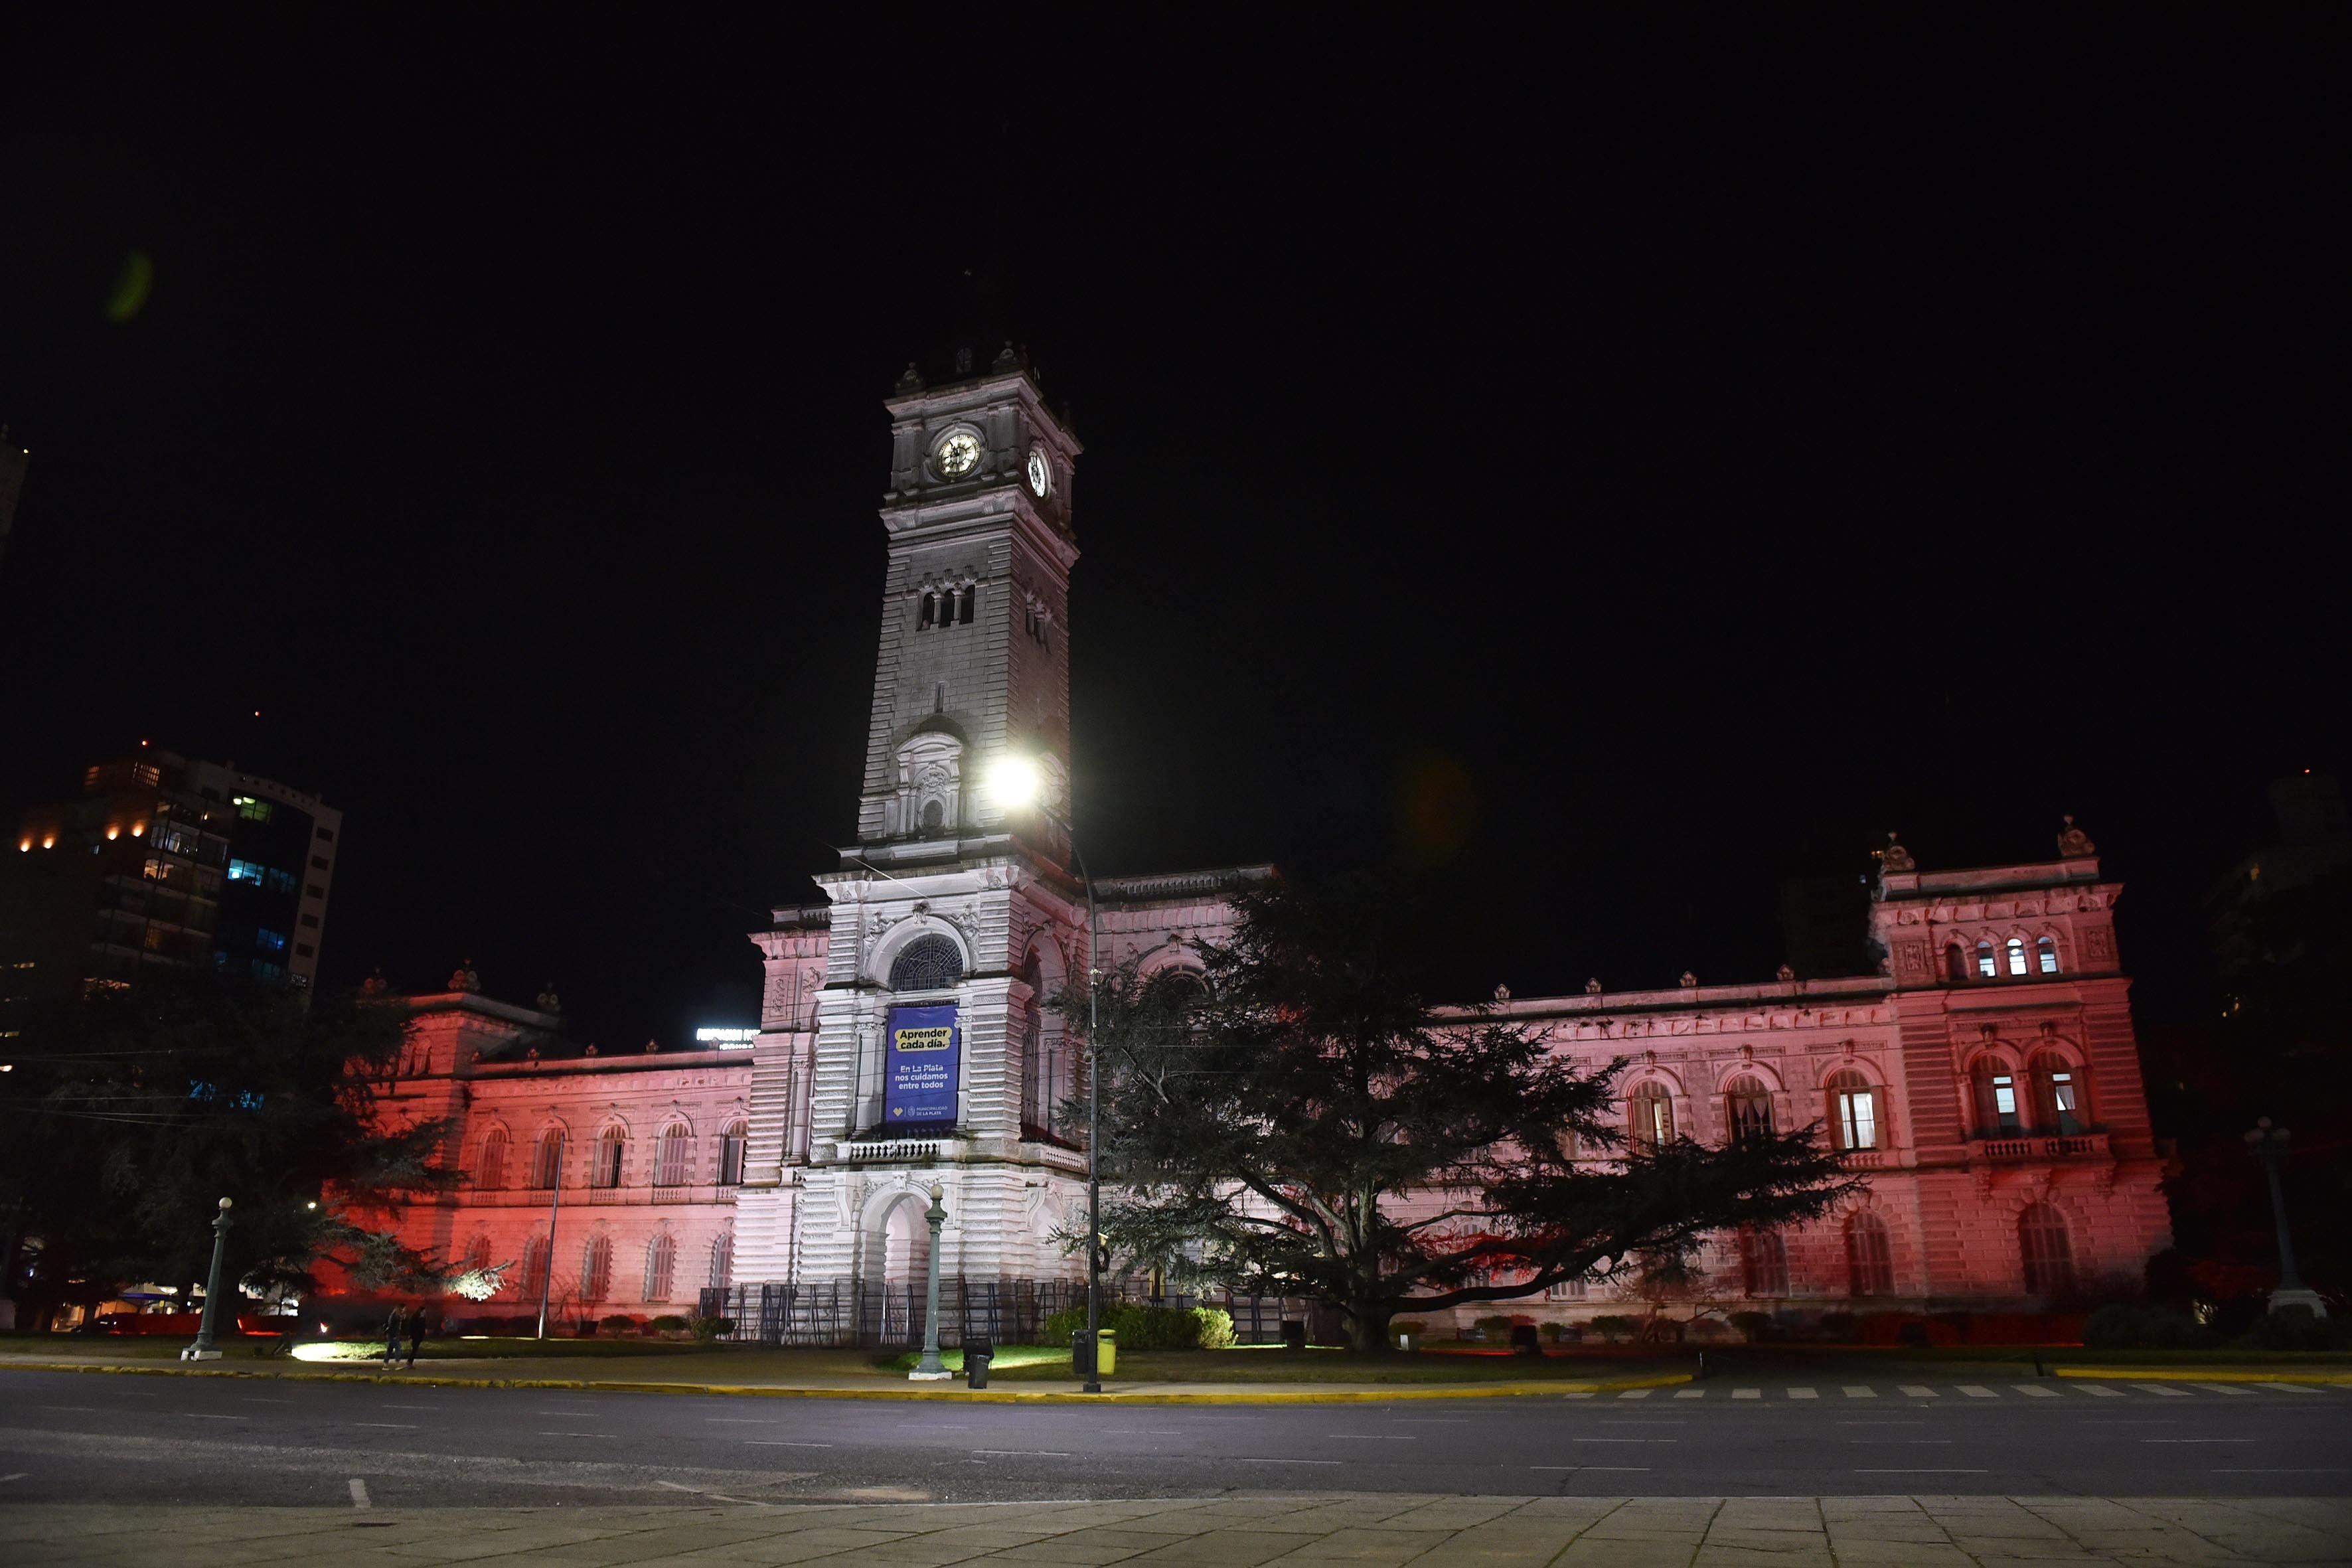 El palacio municipal se iluminó anoche de rojo y blanco